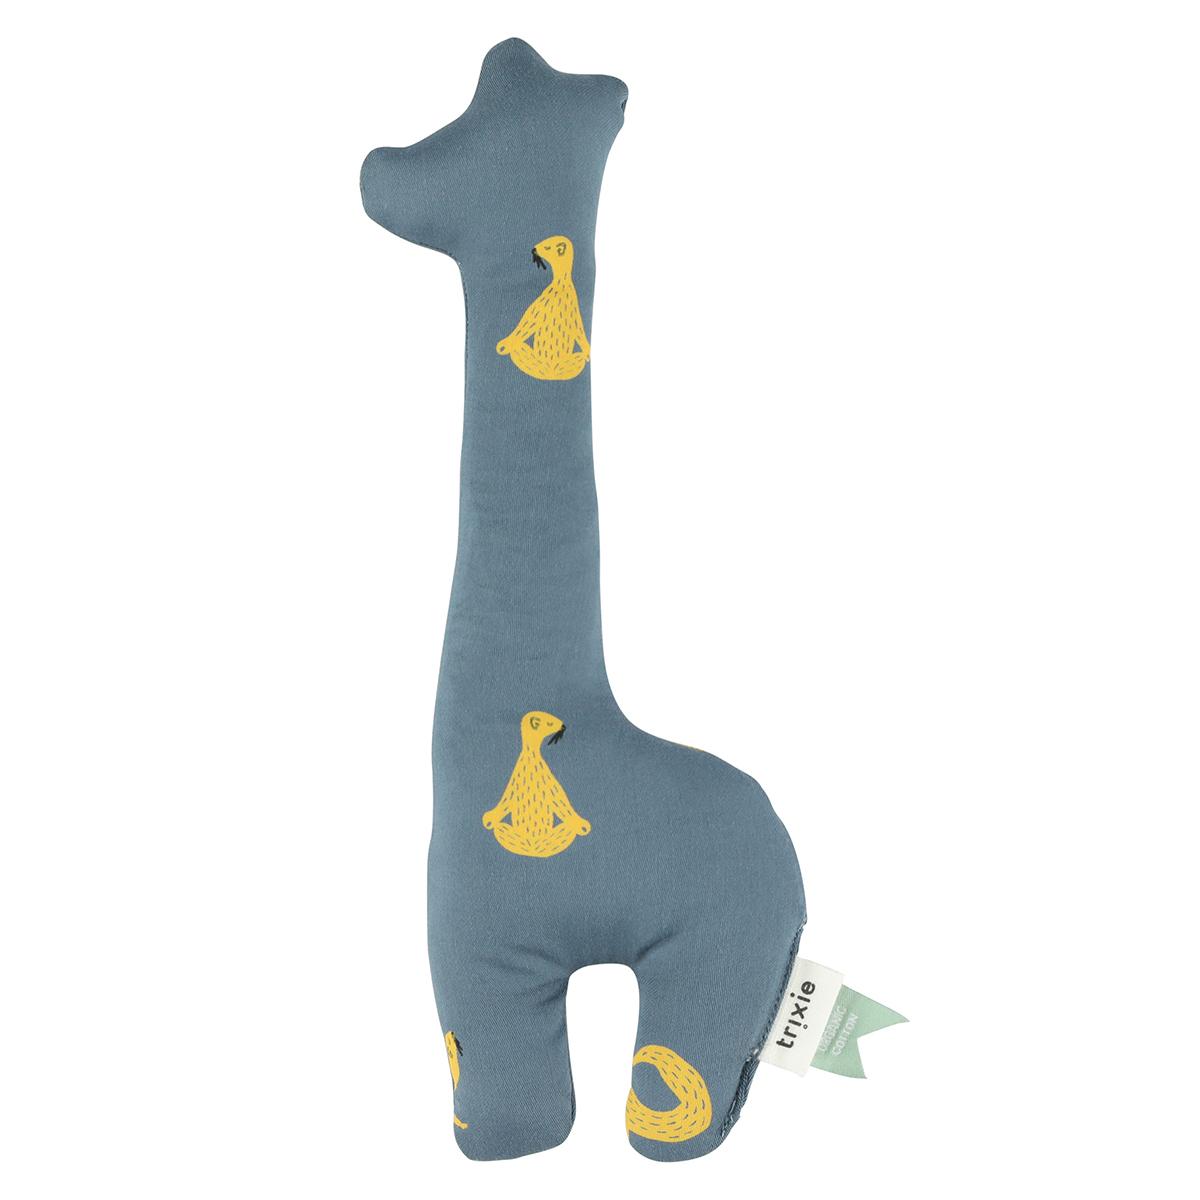 Hochet Hochet Girafe - Whippy Weasel Hochet Girafe - Whippy Weasel